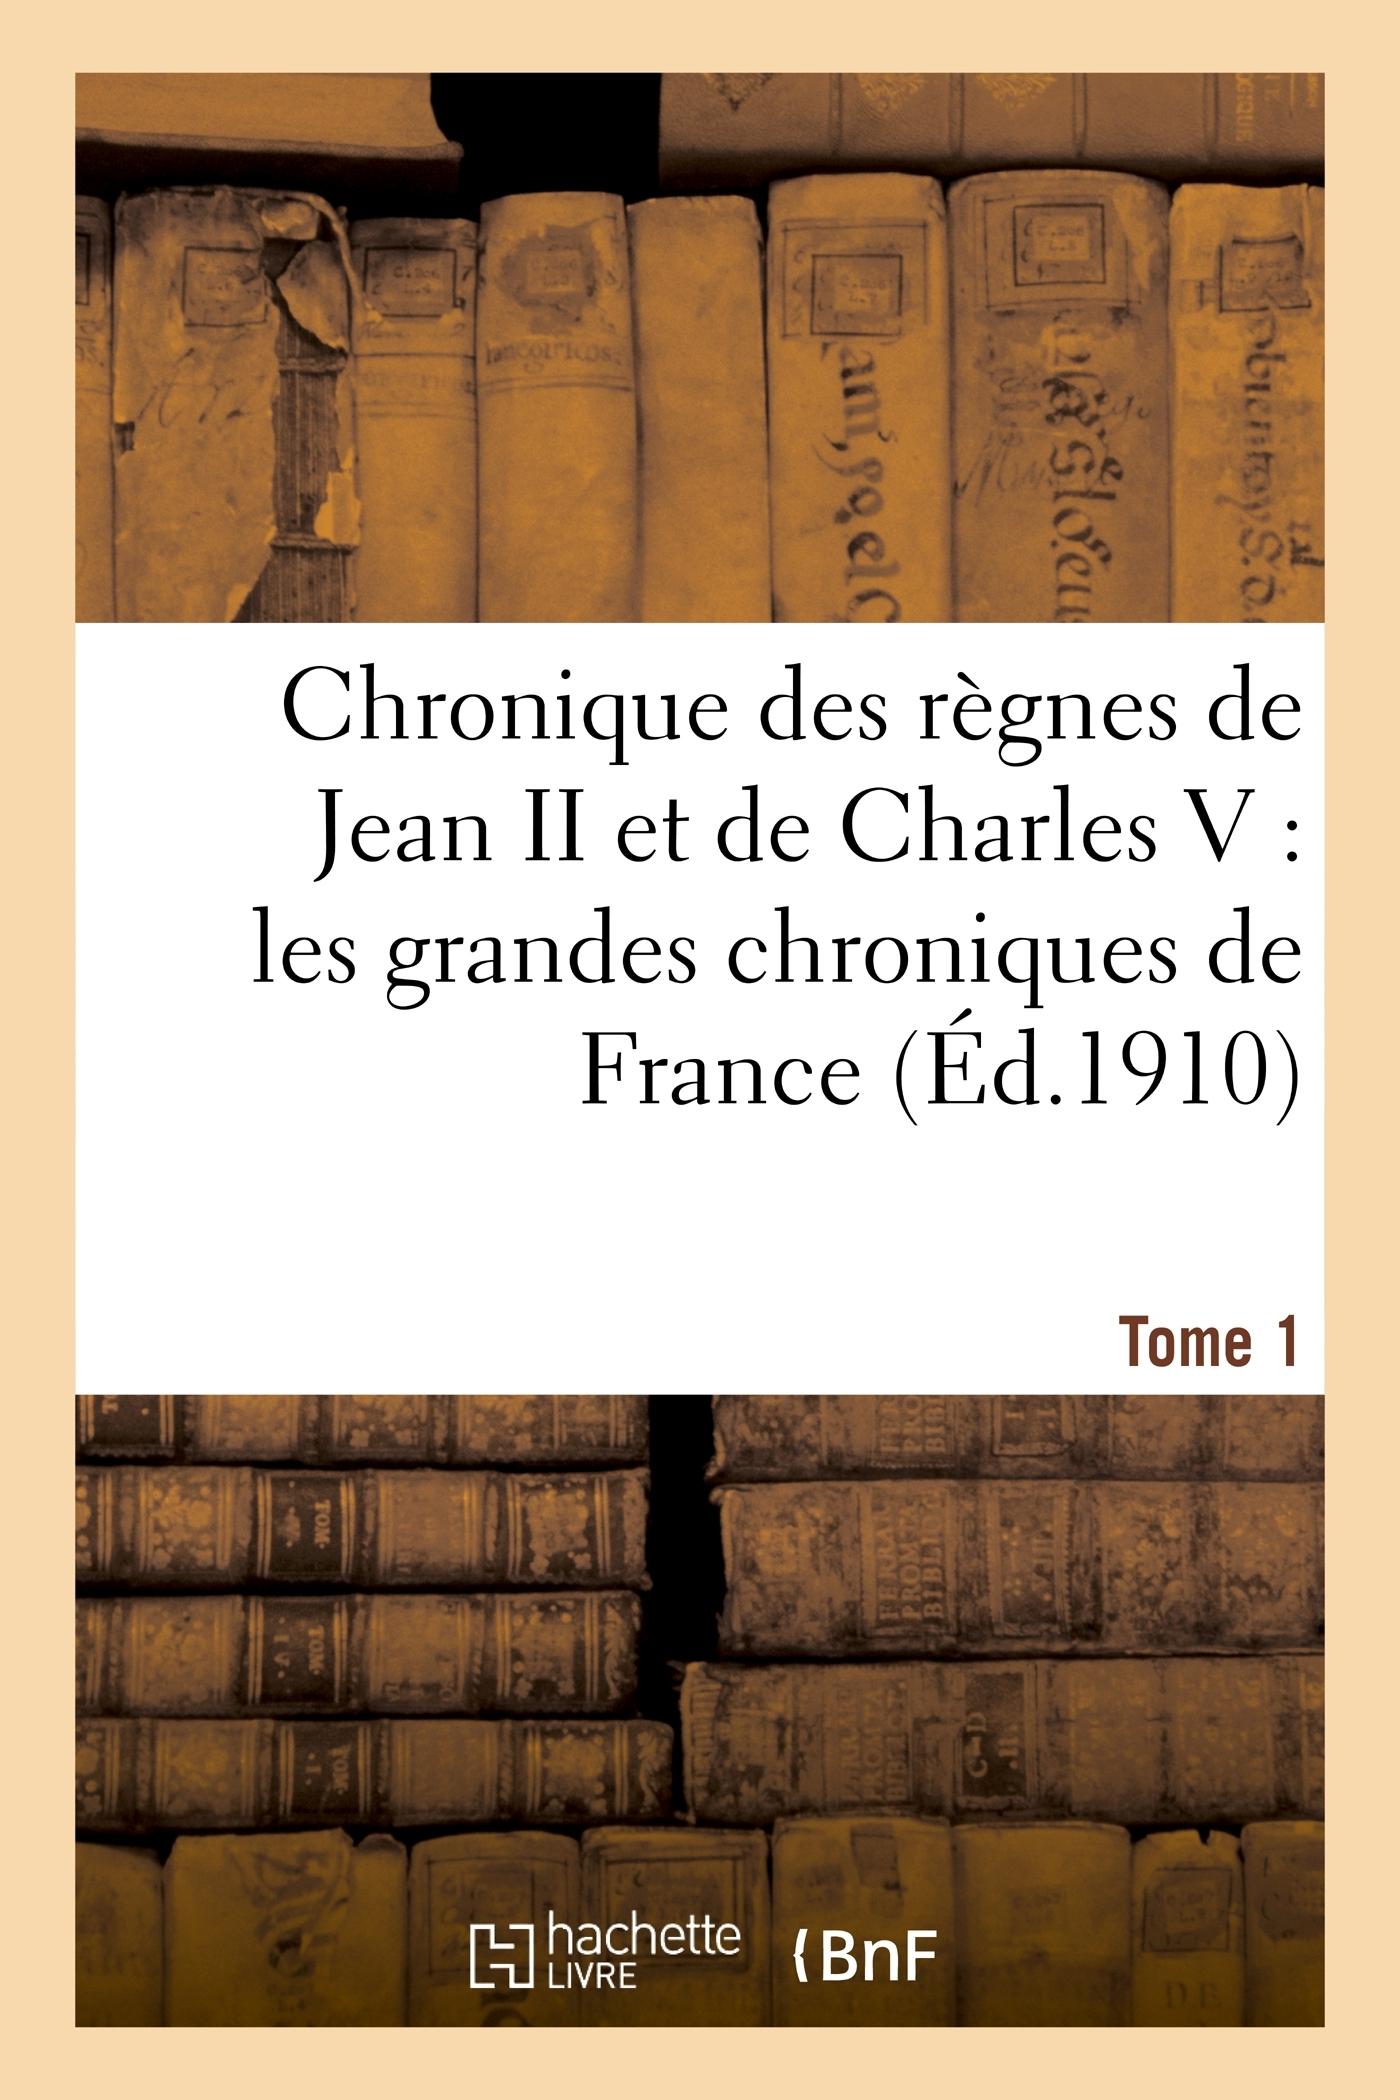 CHRONIQUE DES REGNES DE JEAN II ET DE CHARLES V : LES GRANDES CHRONIQUES DE FRANCE. TOME 1